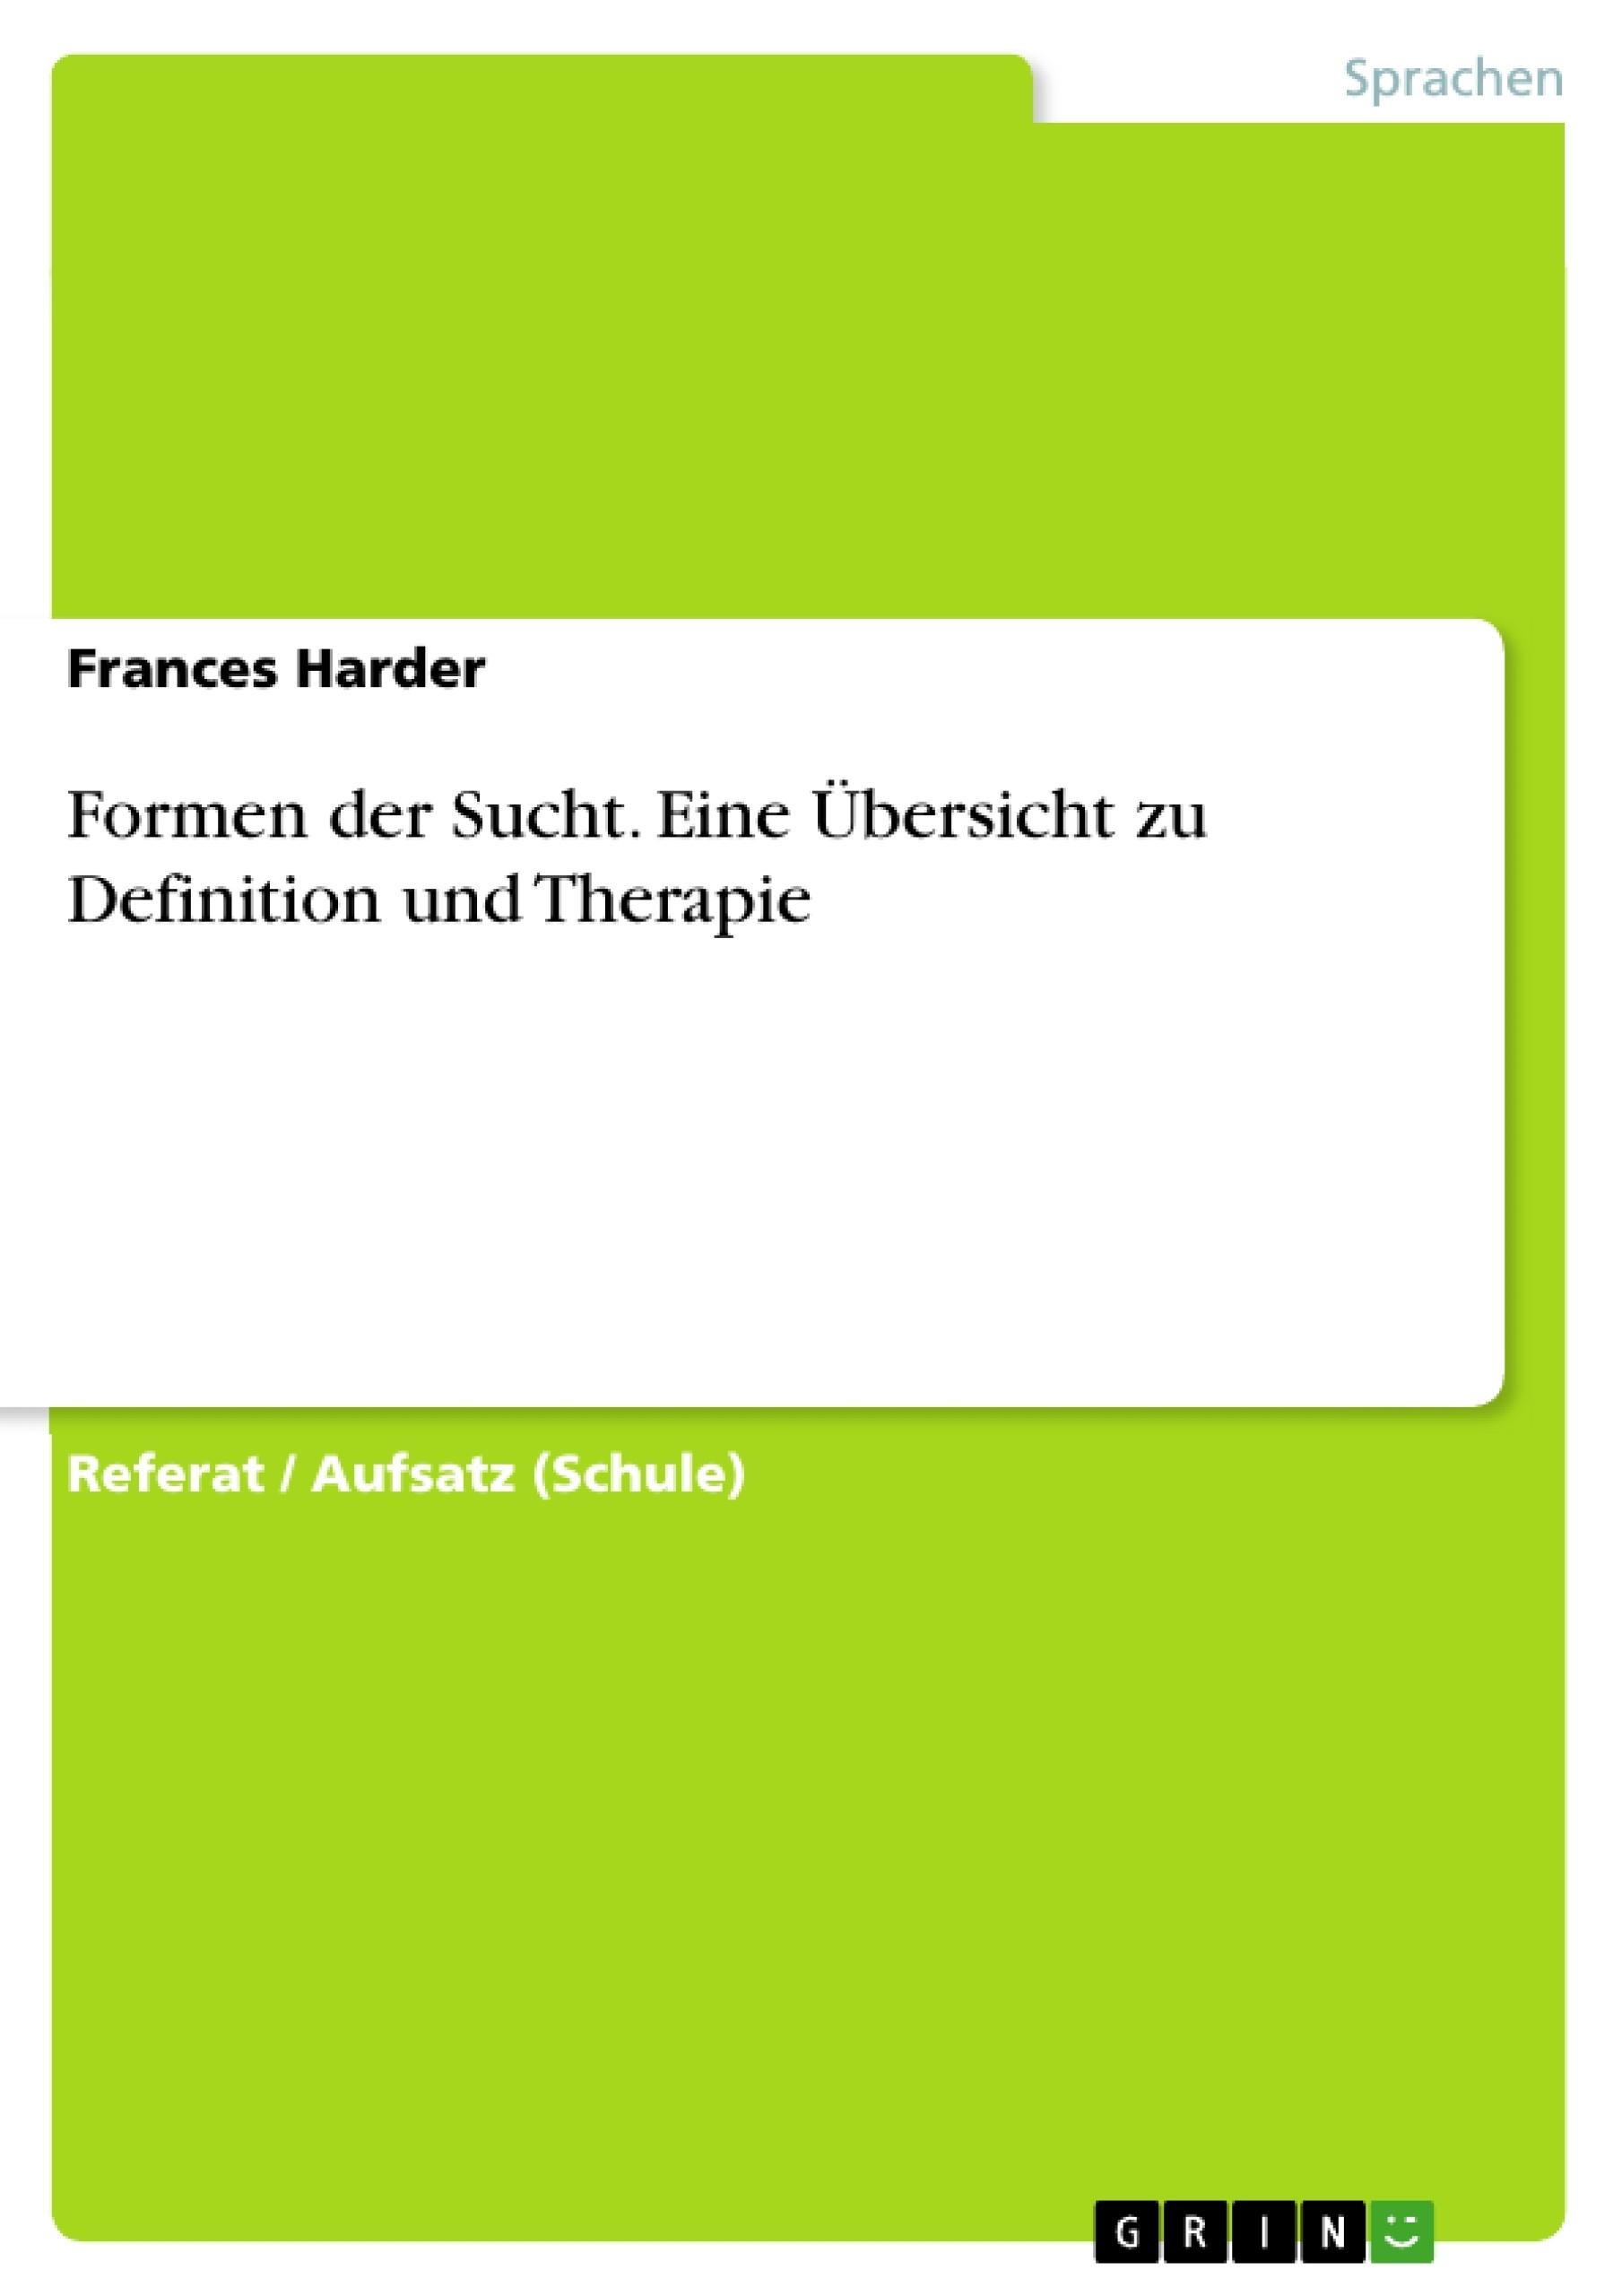 Titel: Formen der Sucht. Eine Übersicht zu Definition und Therapie